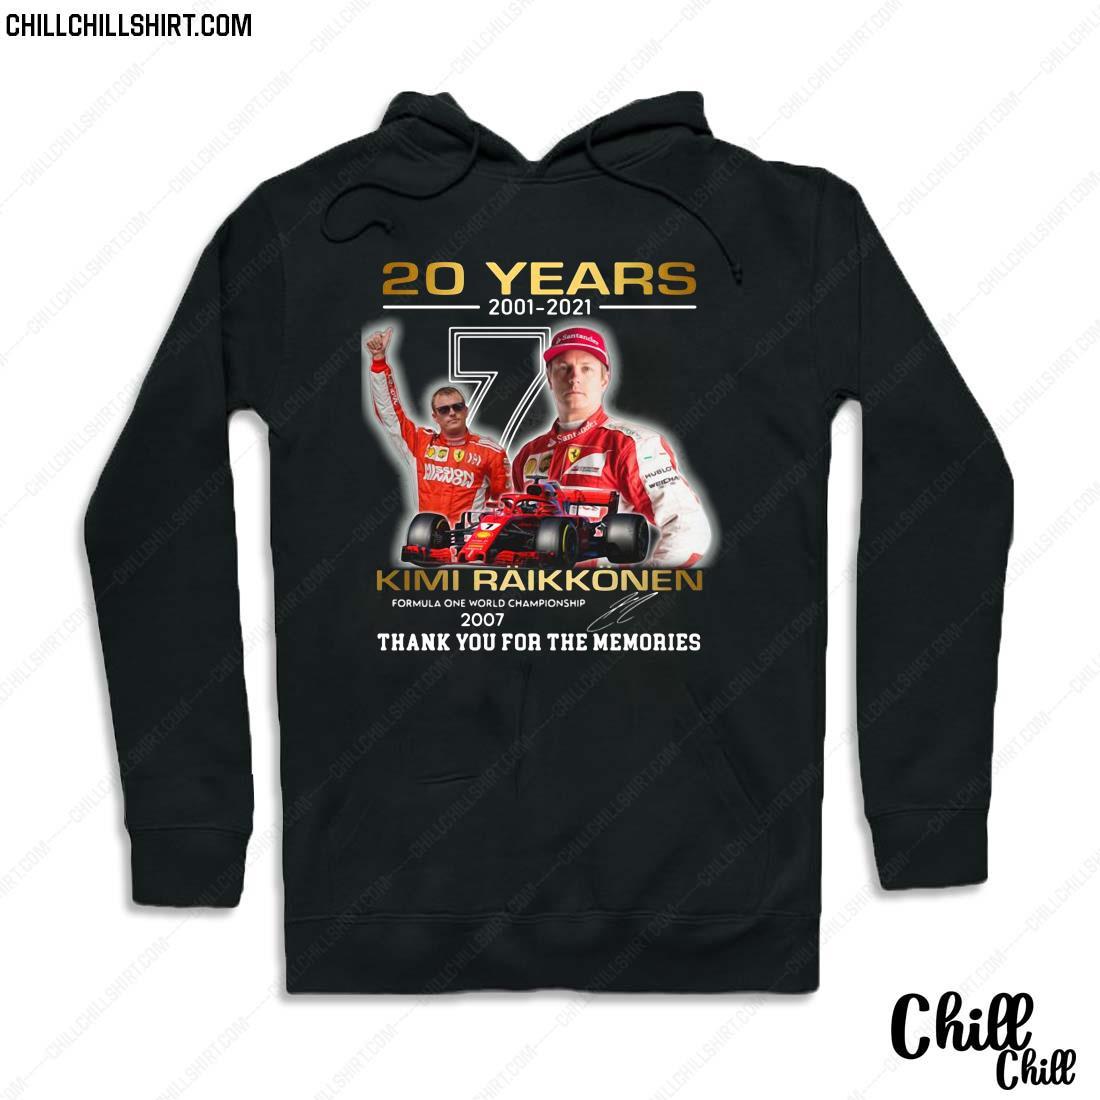 20 Years 2001-2021 Kimi Raikkonen Signature Thank You For The Memories Shirt Hoodie